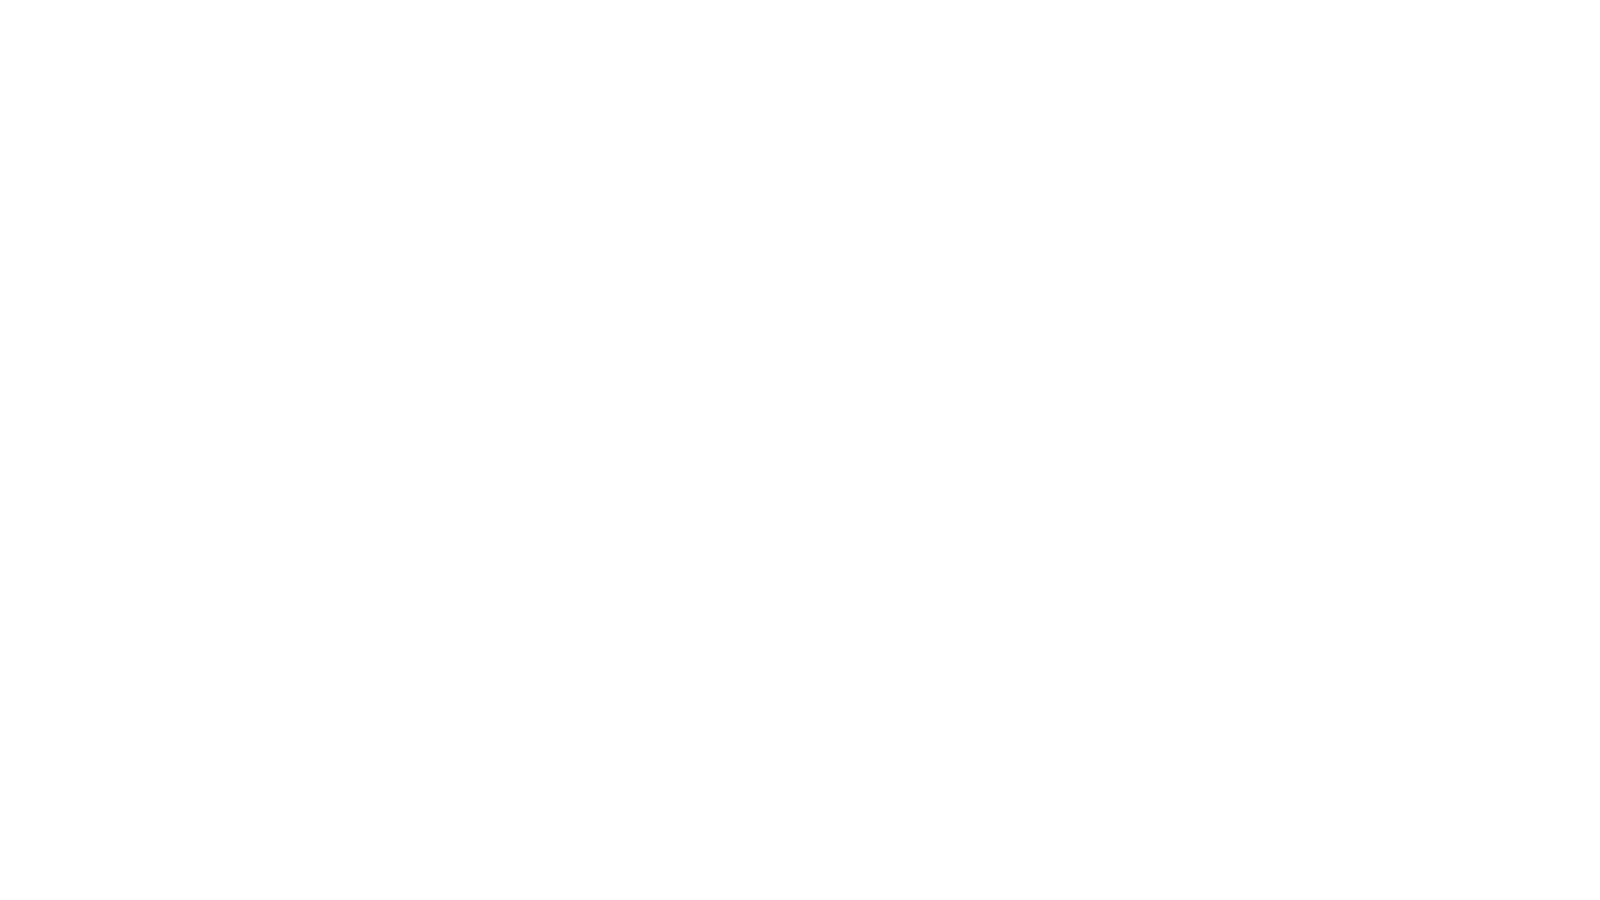 Trà Shan Tuyết cổ thụ hay còn được gọi là trà tuyết. Đây là loại trà đặc sản của các đồng bào tộc người Tày , Giao , Mông và là đặc sản của các tỉnh miền núi phía bắc như Yên Bái, Lào Cai, Sơn La và đặc biệt là Hà Giang. Đặc điểm của trà shan tuyết là búp trà rất to và mầu trắng, dưới cánh trà phủ 1 lớp lông tơ mịn mầu trắng. Cây trà shan tuyết cổ thụ rất lớn , có khi vài người lớn vòng tay ôm. Mọc ở trên núi cao hơn 1000m , quanh năm mây mù và lạnh. Sự chênh lệch nhiệt độ giữa ngày và đêm là rất lớn, chính bởi có điều kiện tự nhiên thú vị như vậy nên đó là nét độc đáo tạo ra một hương vị trà shan tuyết cổ thụ thơm ngon Khi pha trà shan tuyết thơm ngon, nước vàng sánh mật ong, vị ngọt hậu kéo dài.